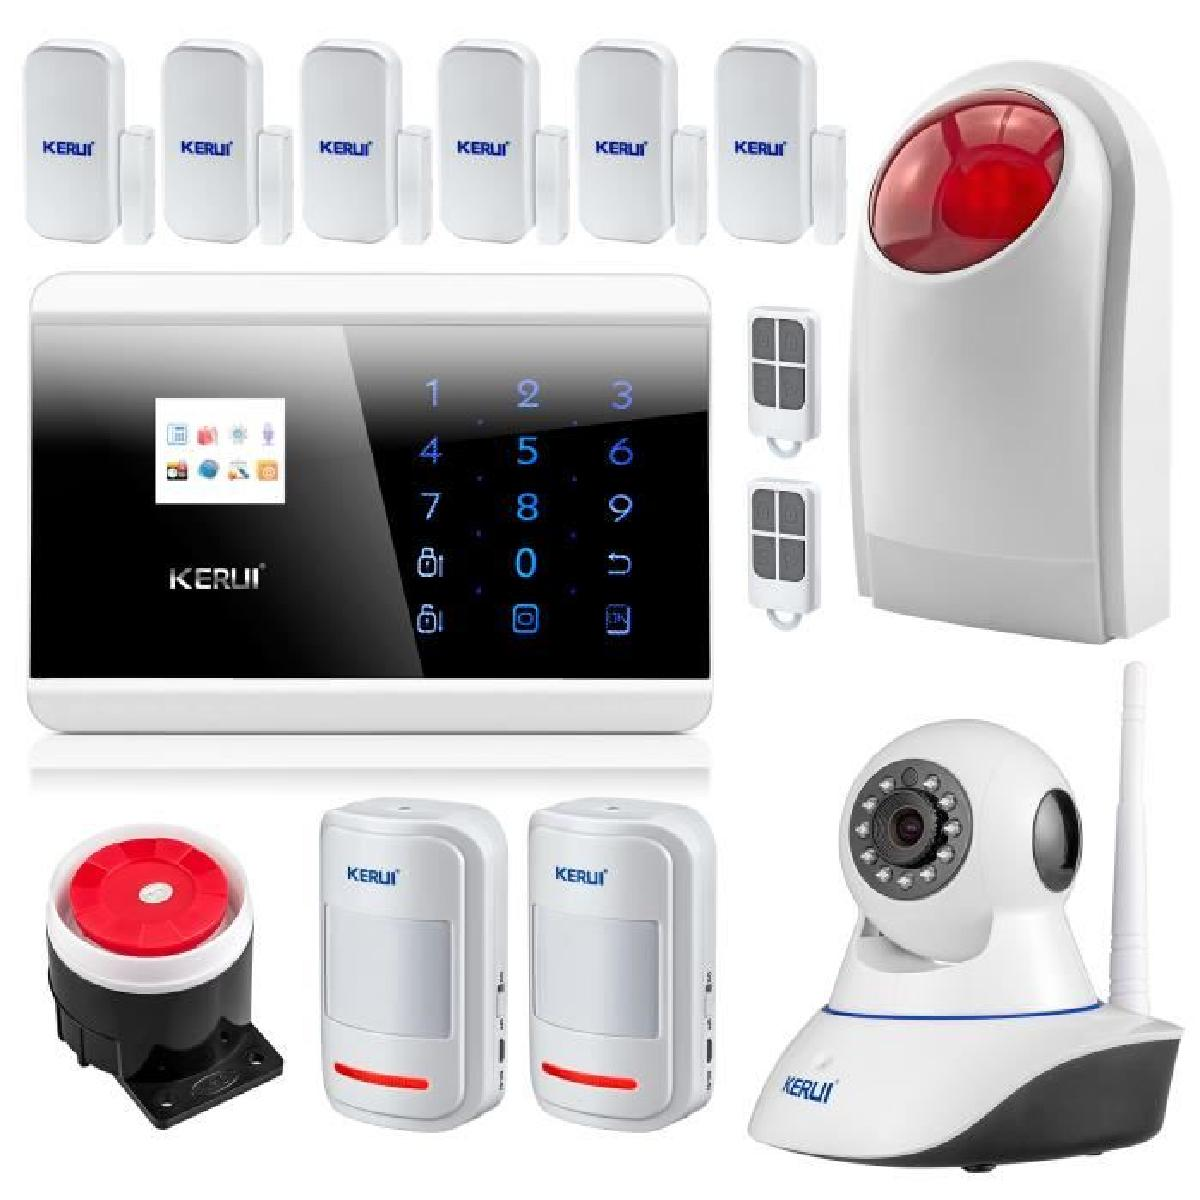 Alarme sans fil pour votre sécurité, oui mais … 4 aspects à checker !